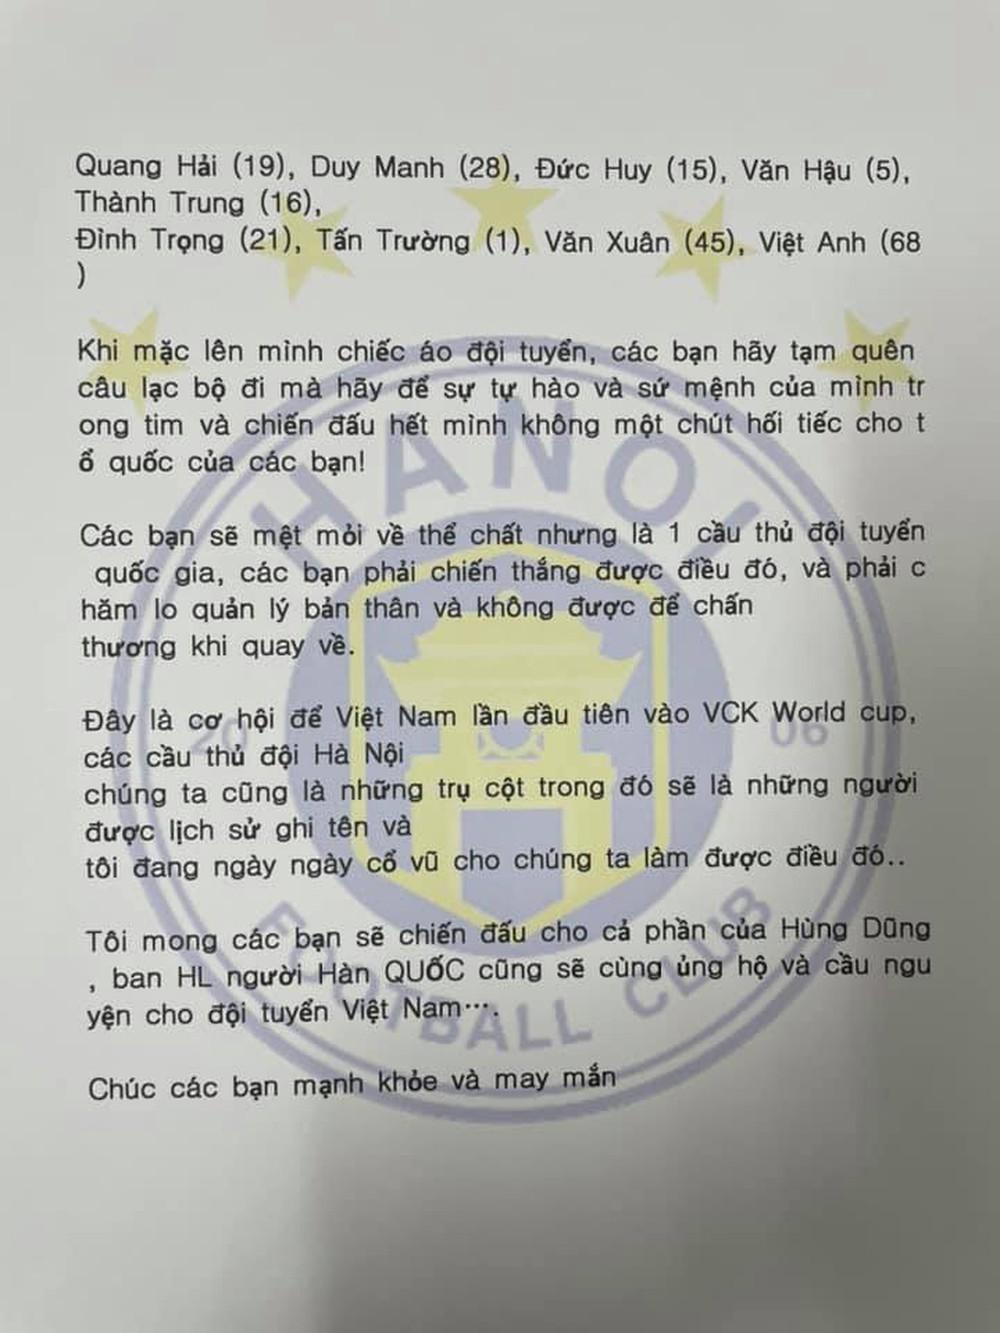 HLV Hàn Quốc của Hà Nội FC gửi lời chúc đặc biệt đến các tuyển thủ Quang Hải, Tấn Trường... - Ảnh 1.